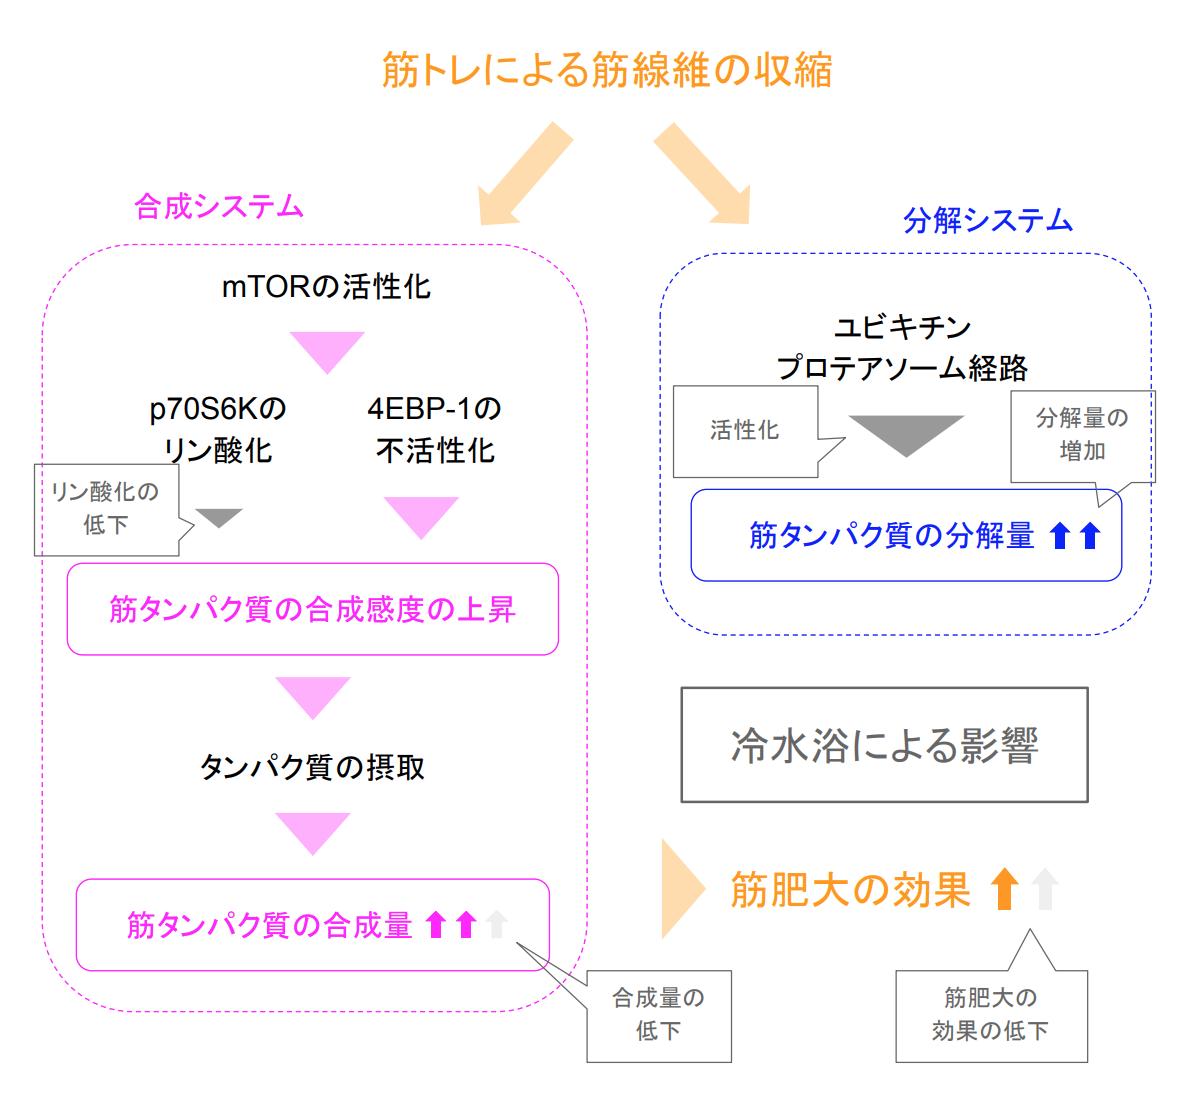 f:id:takumasa39:20190922151812p:plain